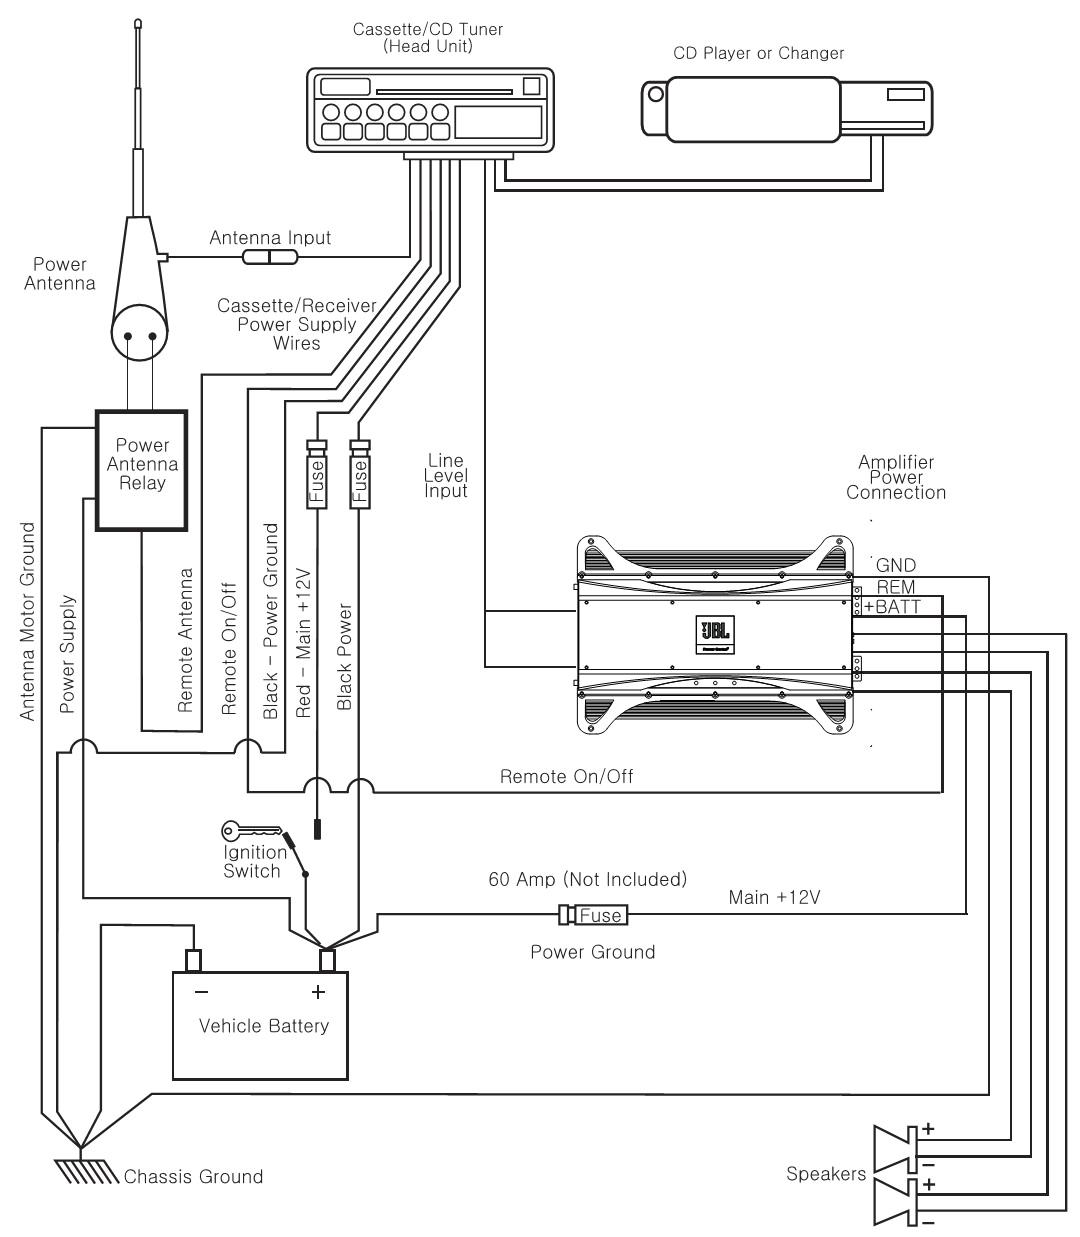 kenwood ddx7015 wiring diagram wiring diagram kenwood ddx7015 wiring diagram wiring diagram metaddx7015 wiring diagram wiring